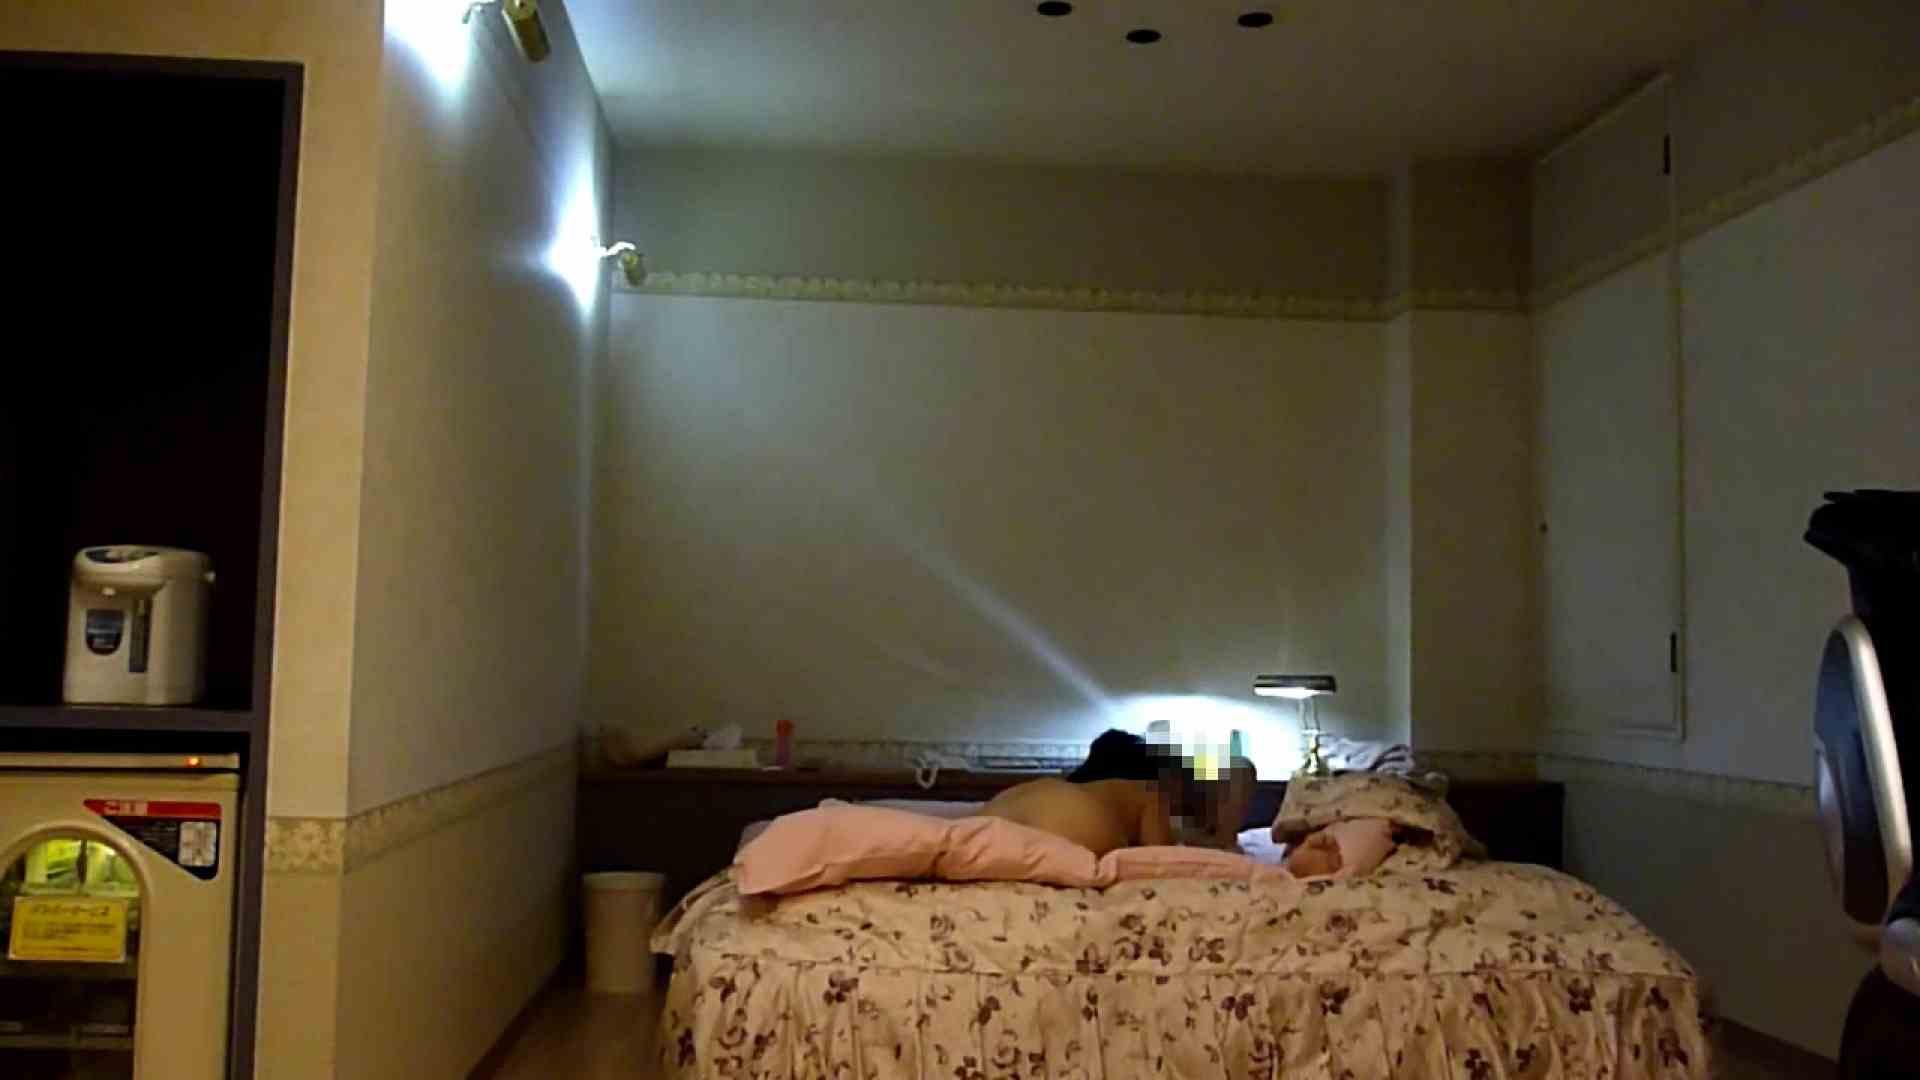 【完全素人投稿】誰にしようか!?やりチン健太の本日もデリ嬢いただきま~す!!12 投稿 セックス無修正動画無料 106pic 101